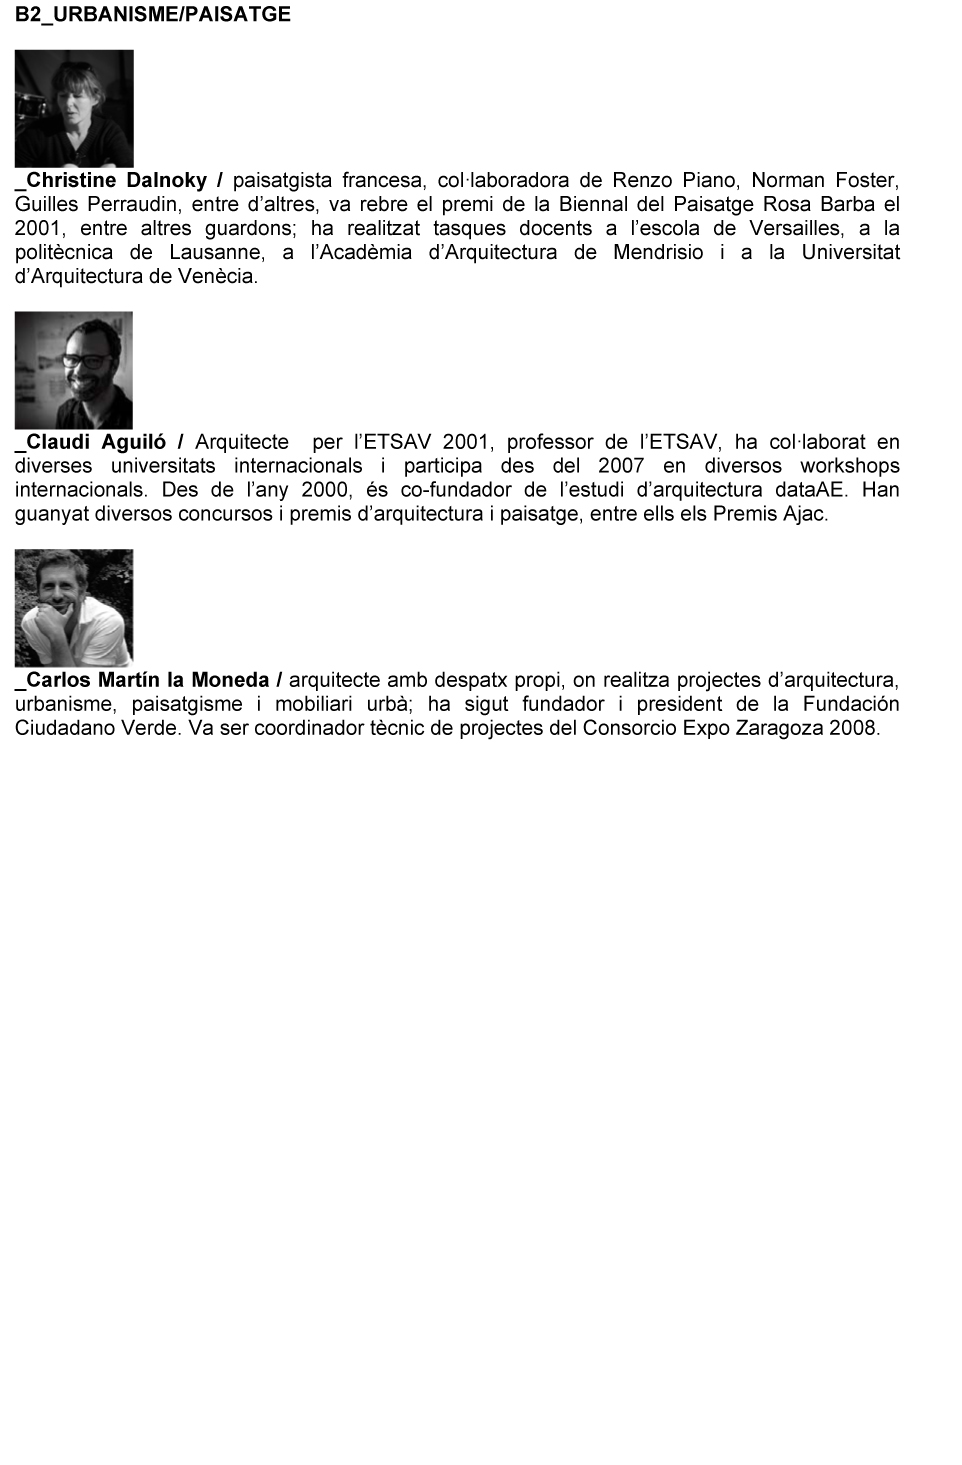 JURAT DELS PREMIS AJAC IXOCTUBRE DE 2014-3